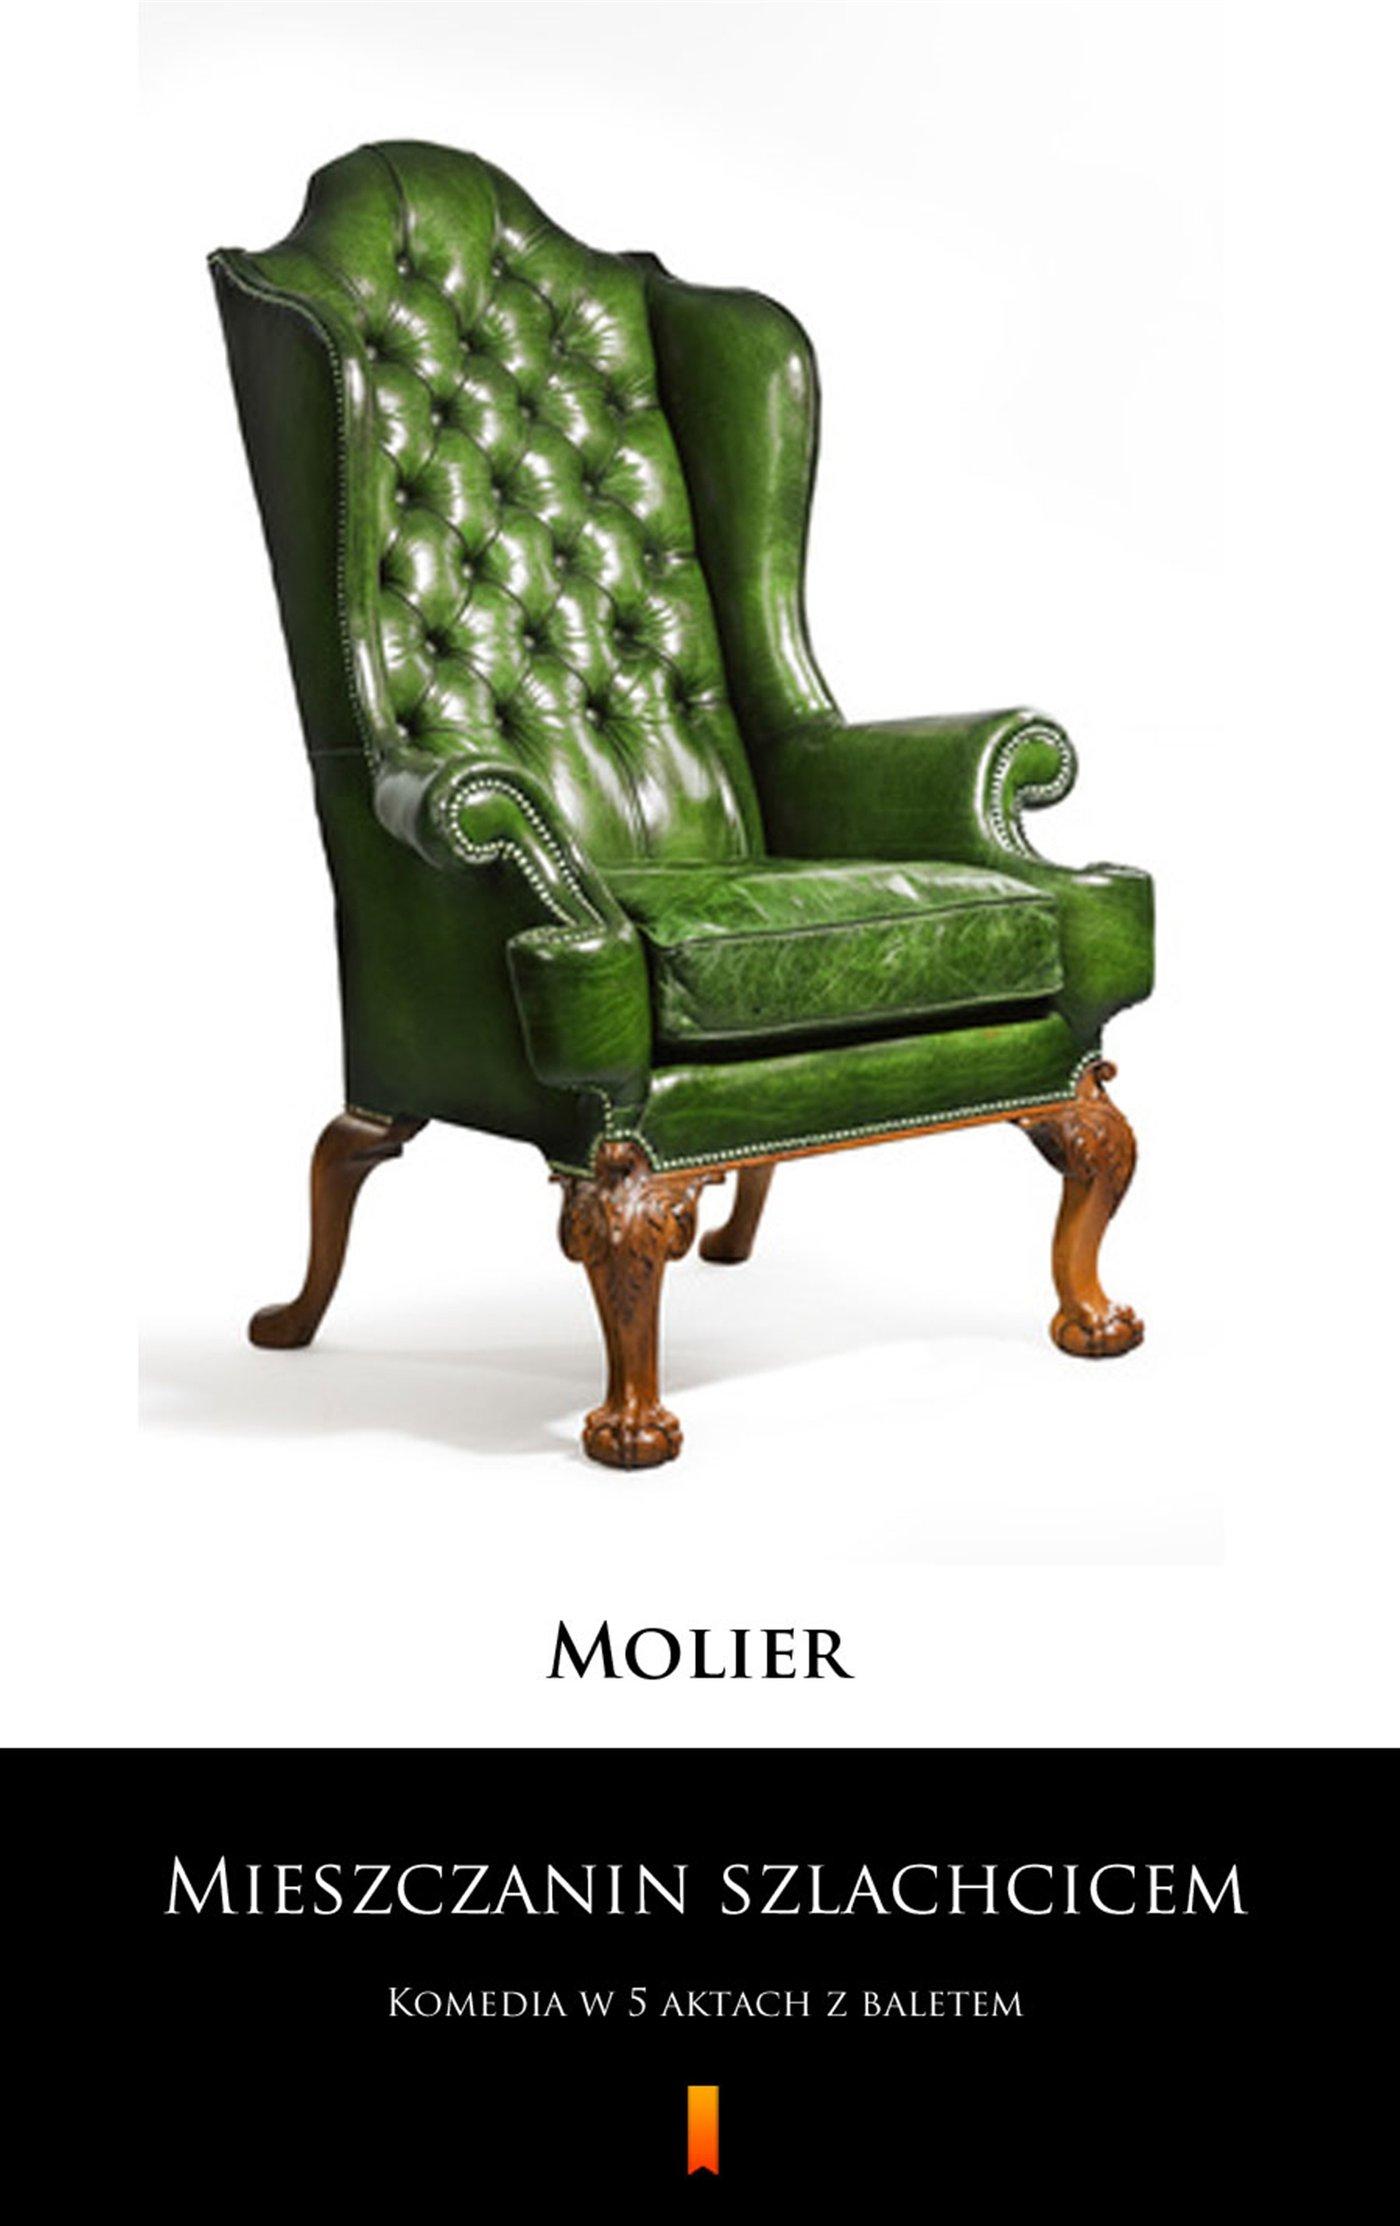 Mieszczanin szlachcicem - Ebook (Książka na Kindle) do pobrania w formacie MOBI